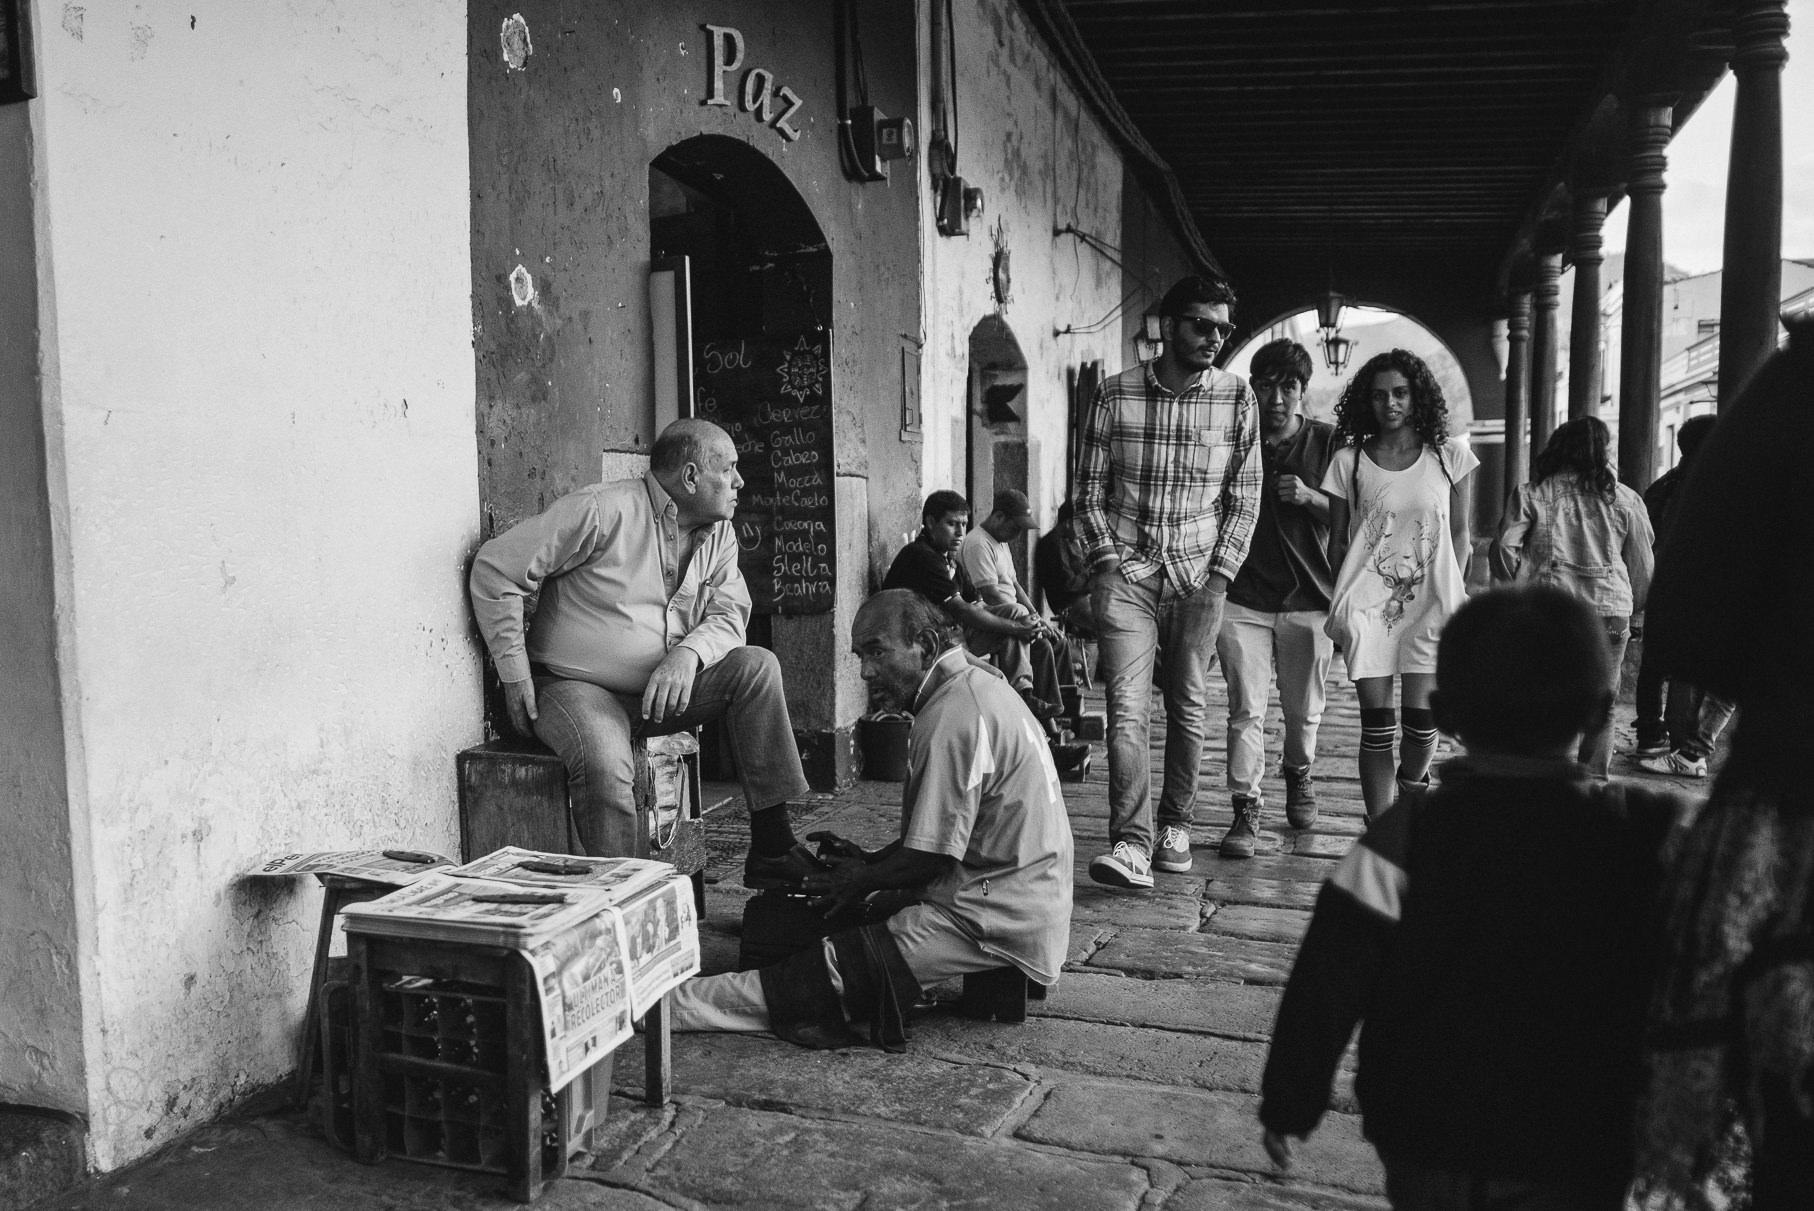 0028 anne und bjoern guatemala 811 2736 - 4 Wochen durch Guatemala - backpacking durch Mittelamerika